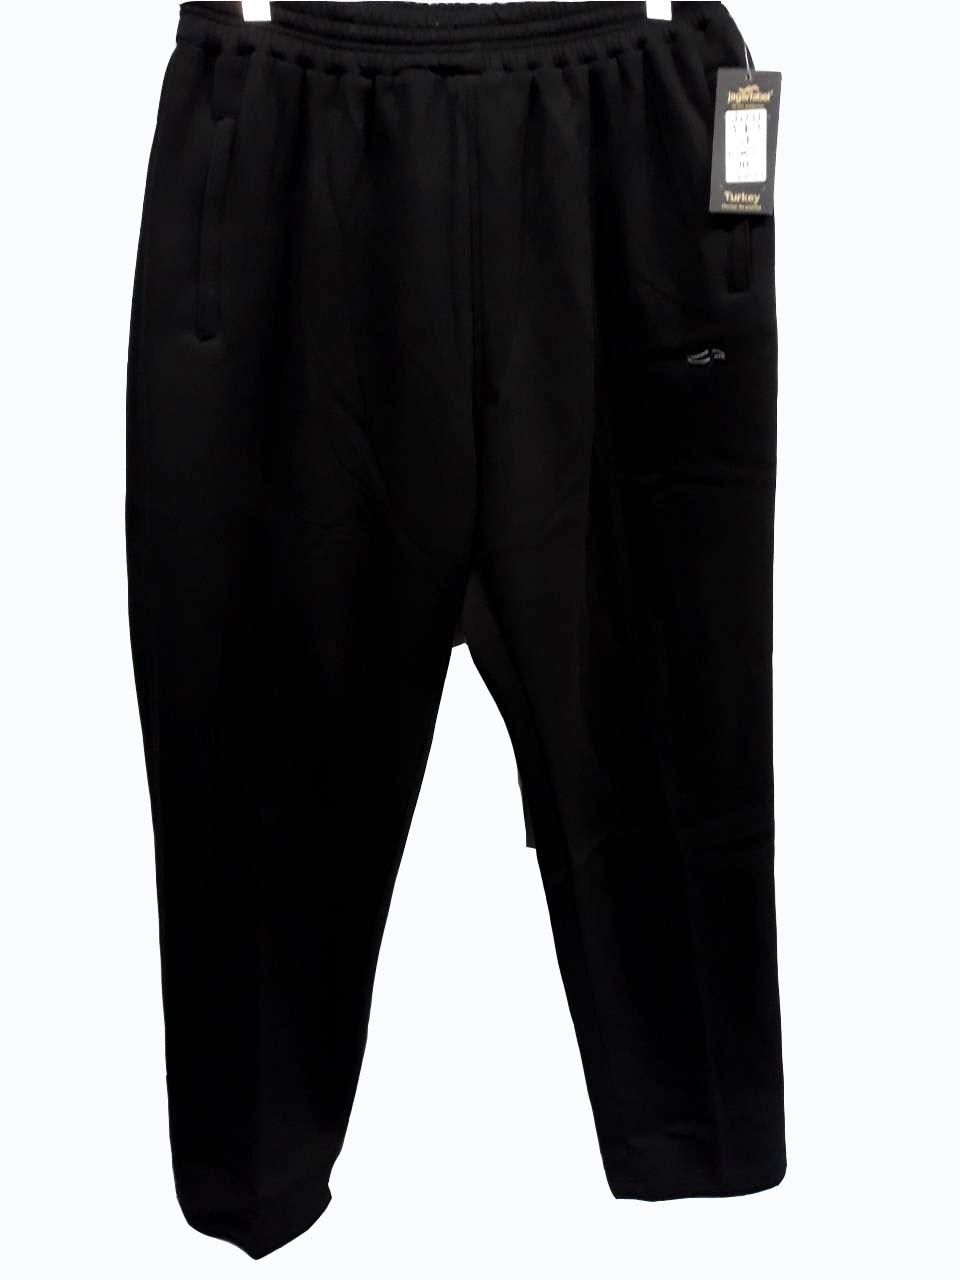 Брюки теплые Jager Fabel батал зимние мужские спортивные штаны  большого размера Черный